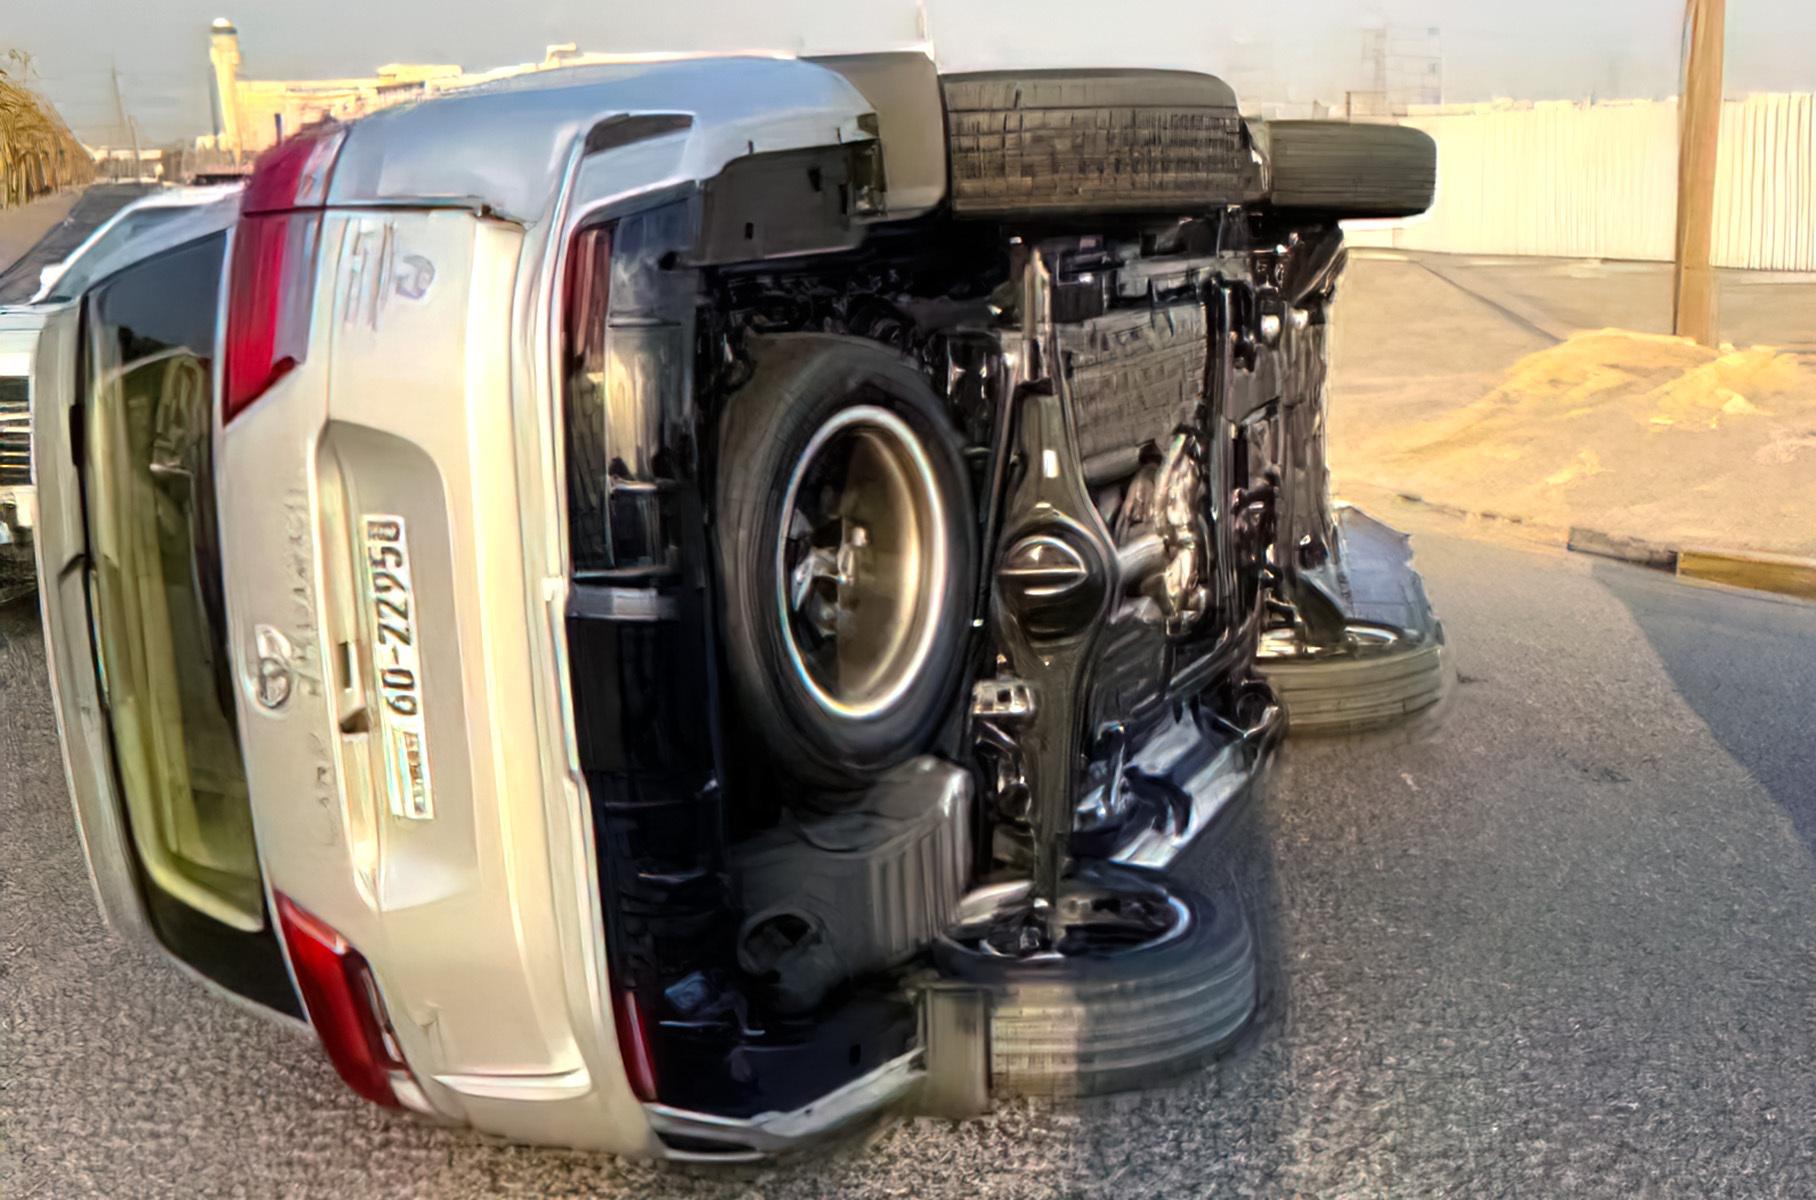 Ещё один новый Toyota Land Cruiser попал в серьезное ДТП сразу после покупки